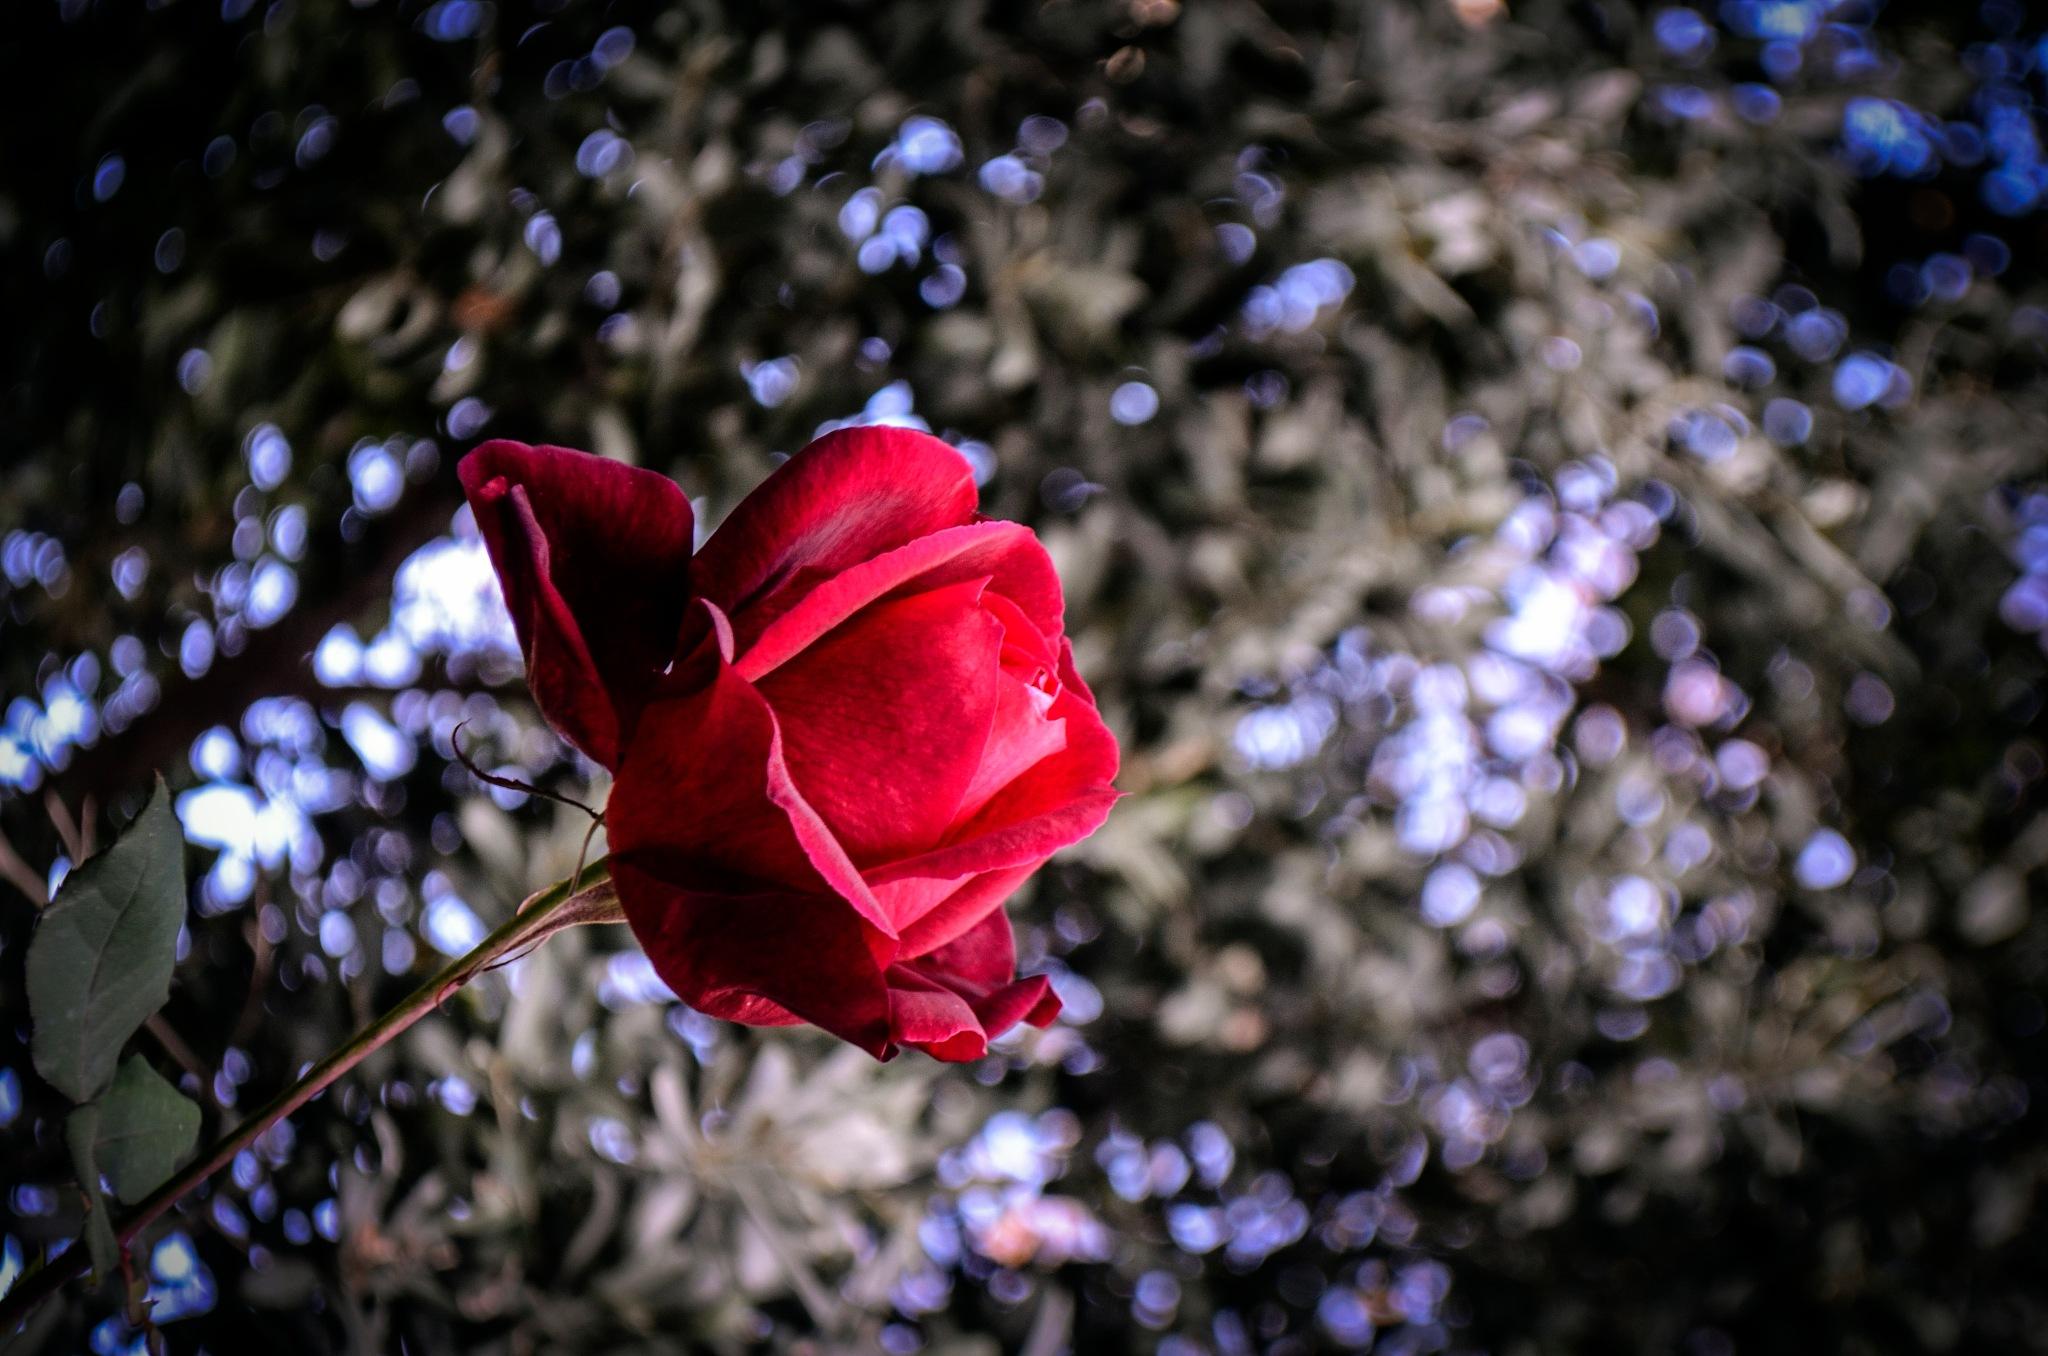 rose by Emel Seckin